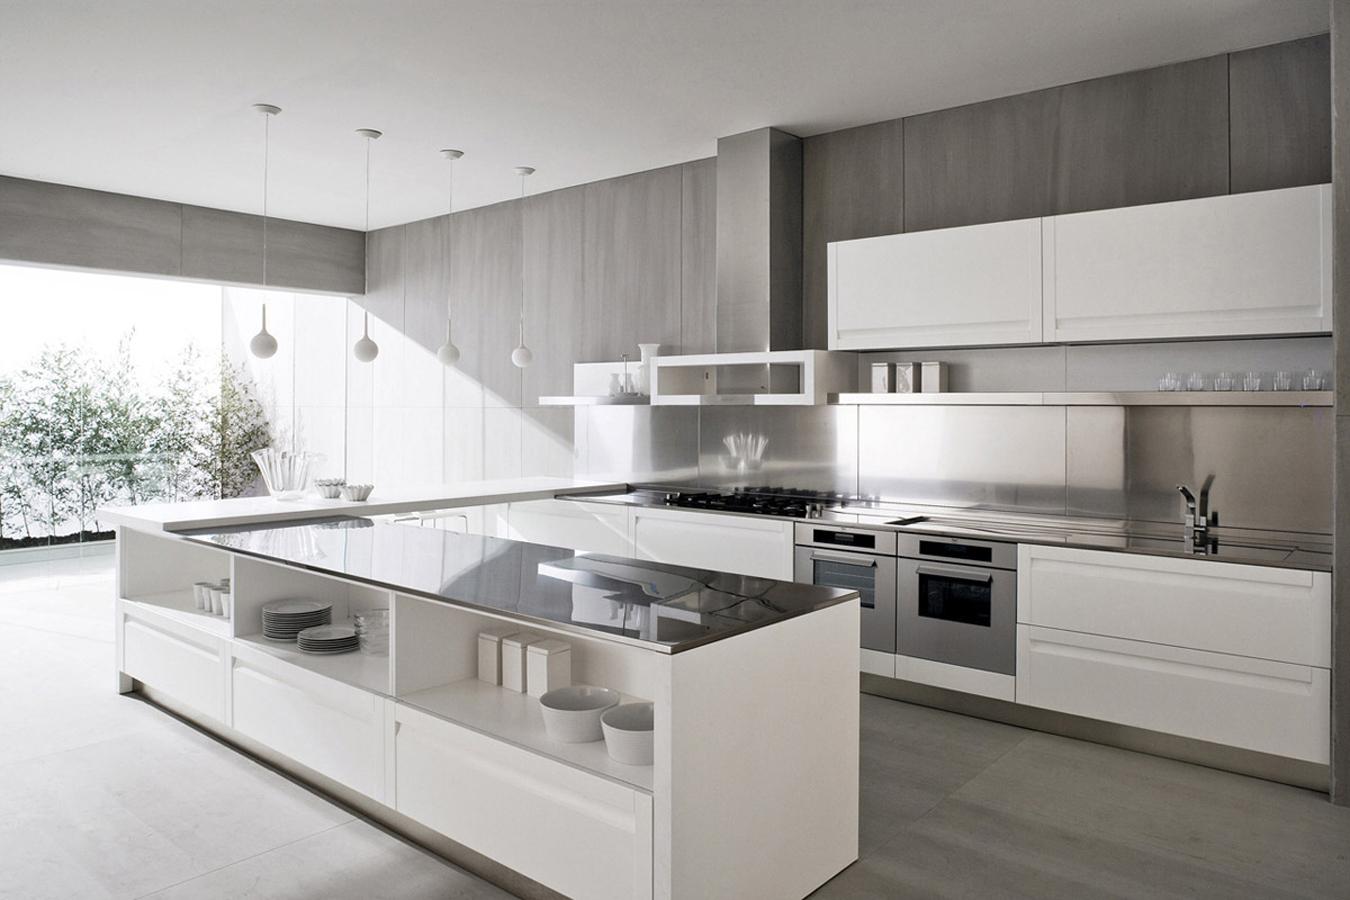 Cucina treviso di gd arredamenti righetti mobili novara for Disegni di grandi cucine